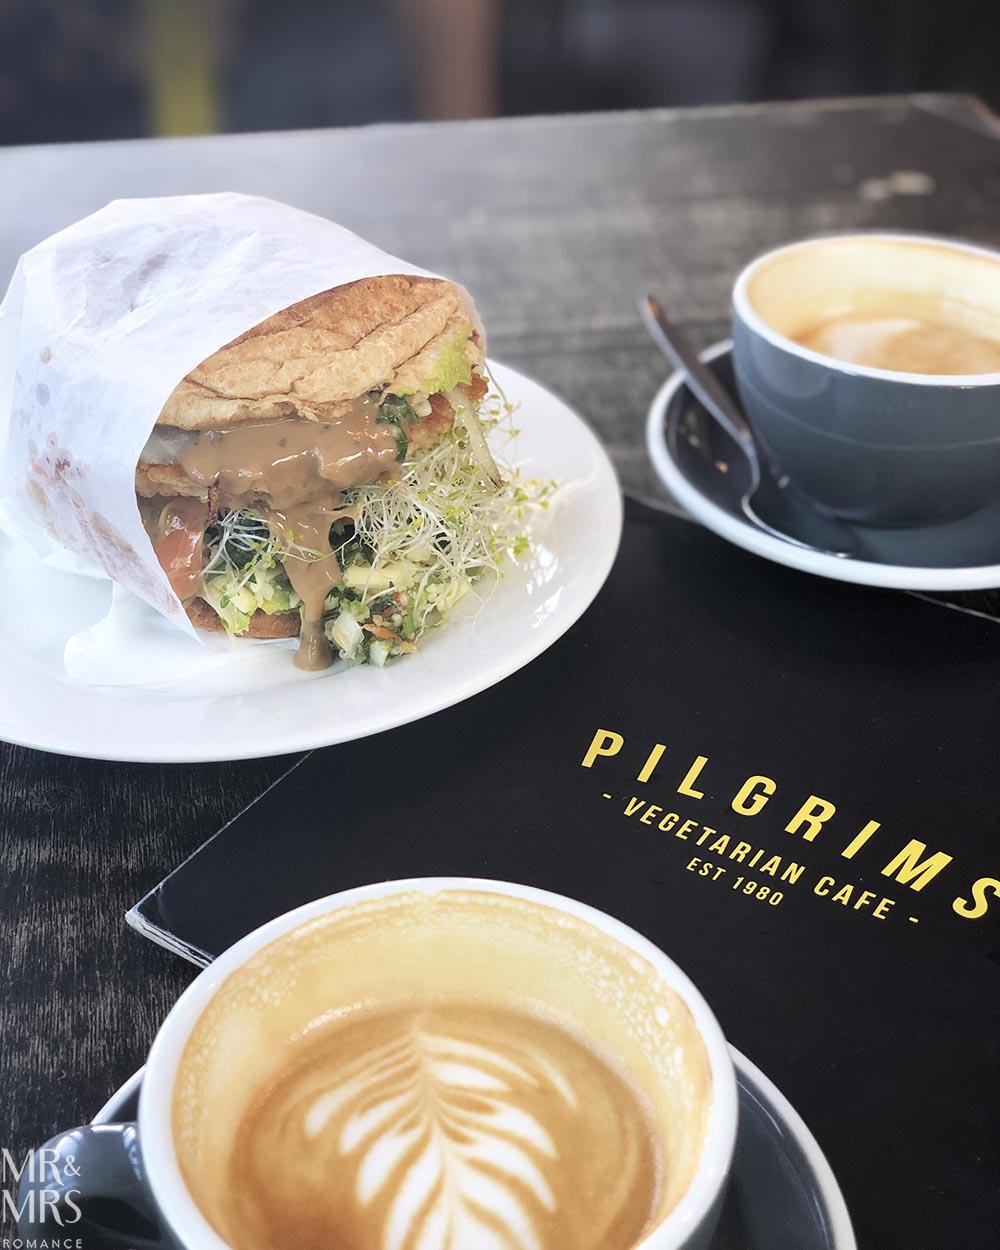 Where to eat in the South Coast, NSW - Pilgrims, Milton